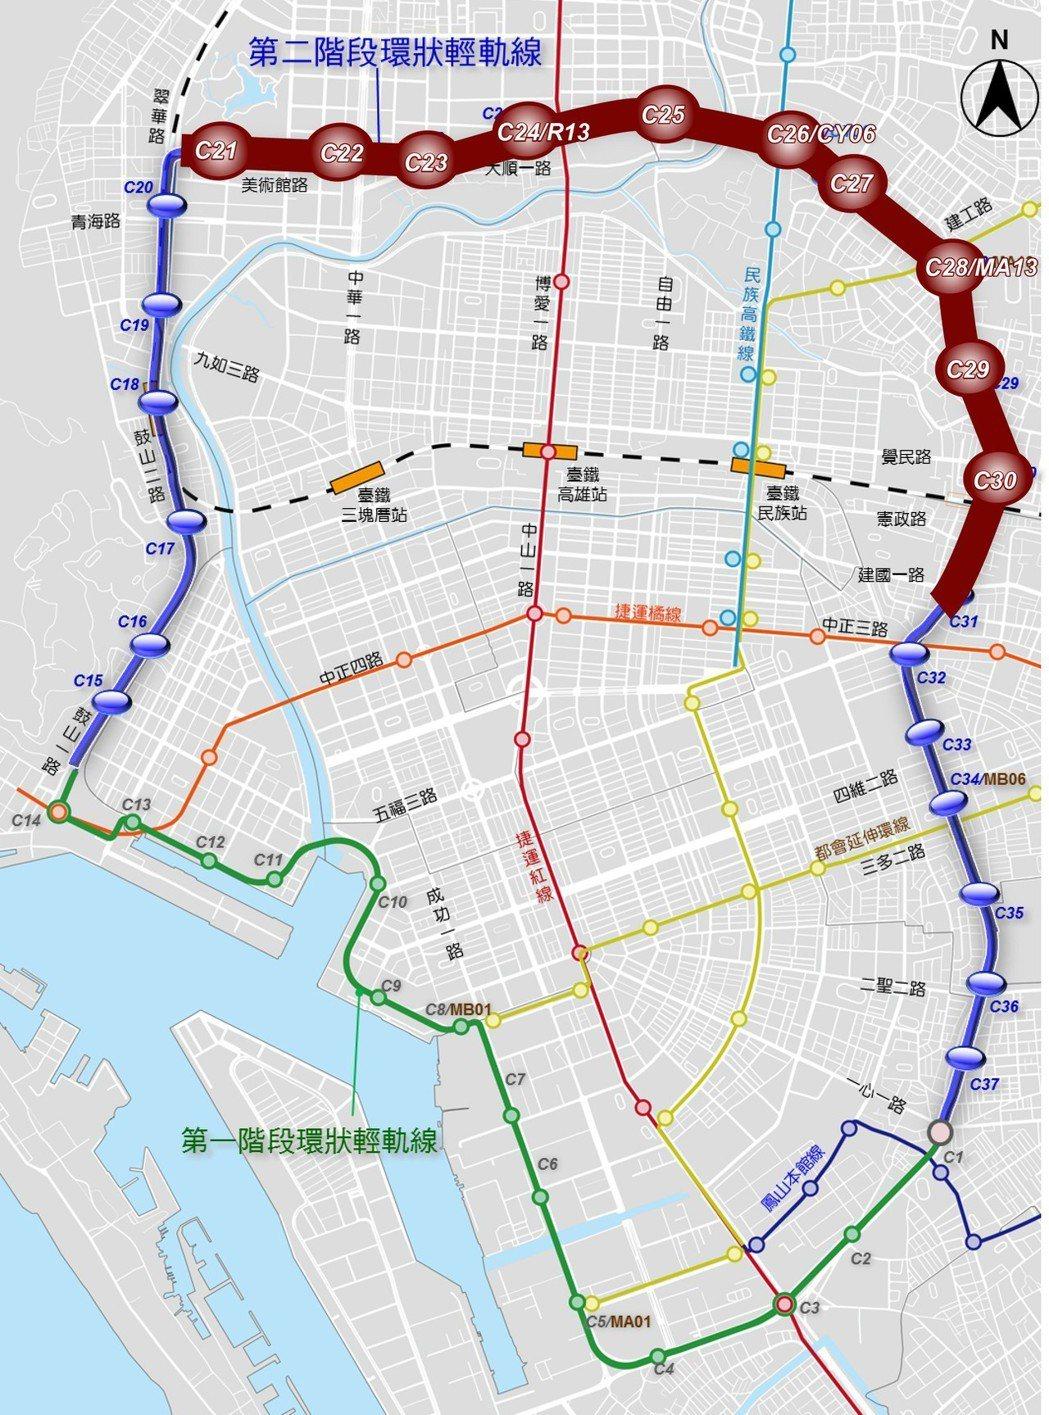 輕軌二階C21至C30(圖粗體棕色線)因經過人口稠密區,市府認定為「爭議路段」。